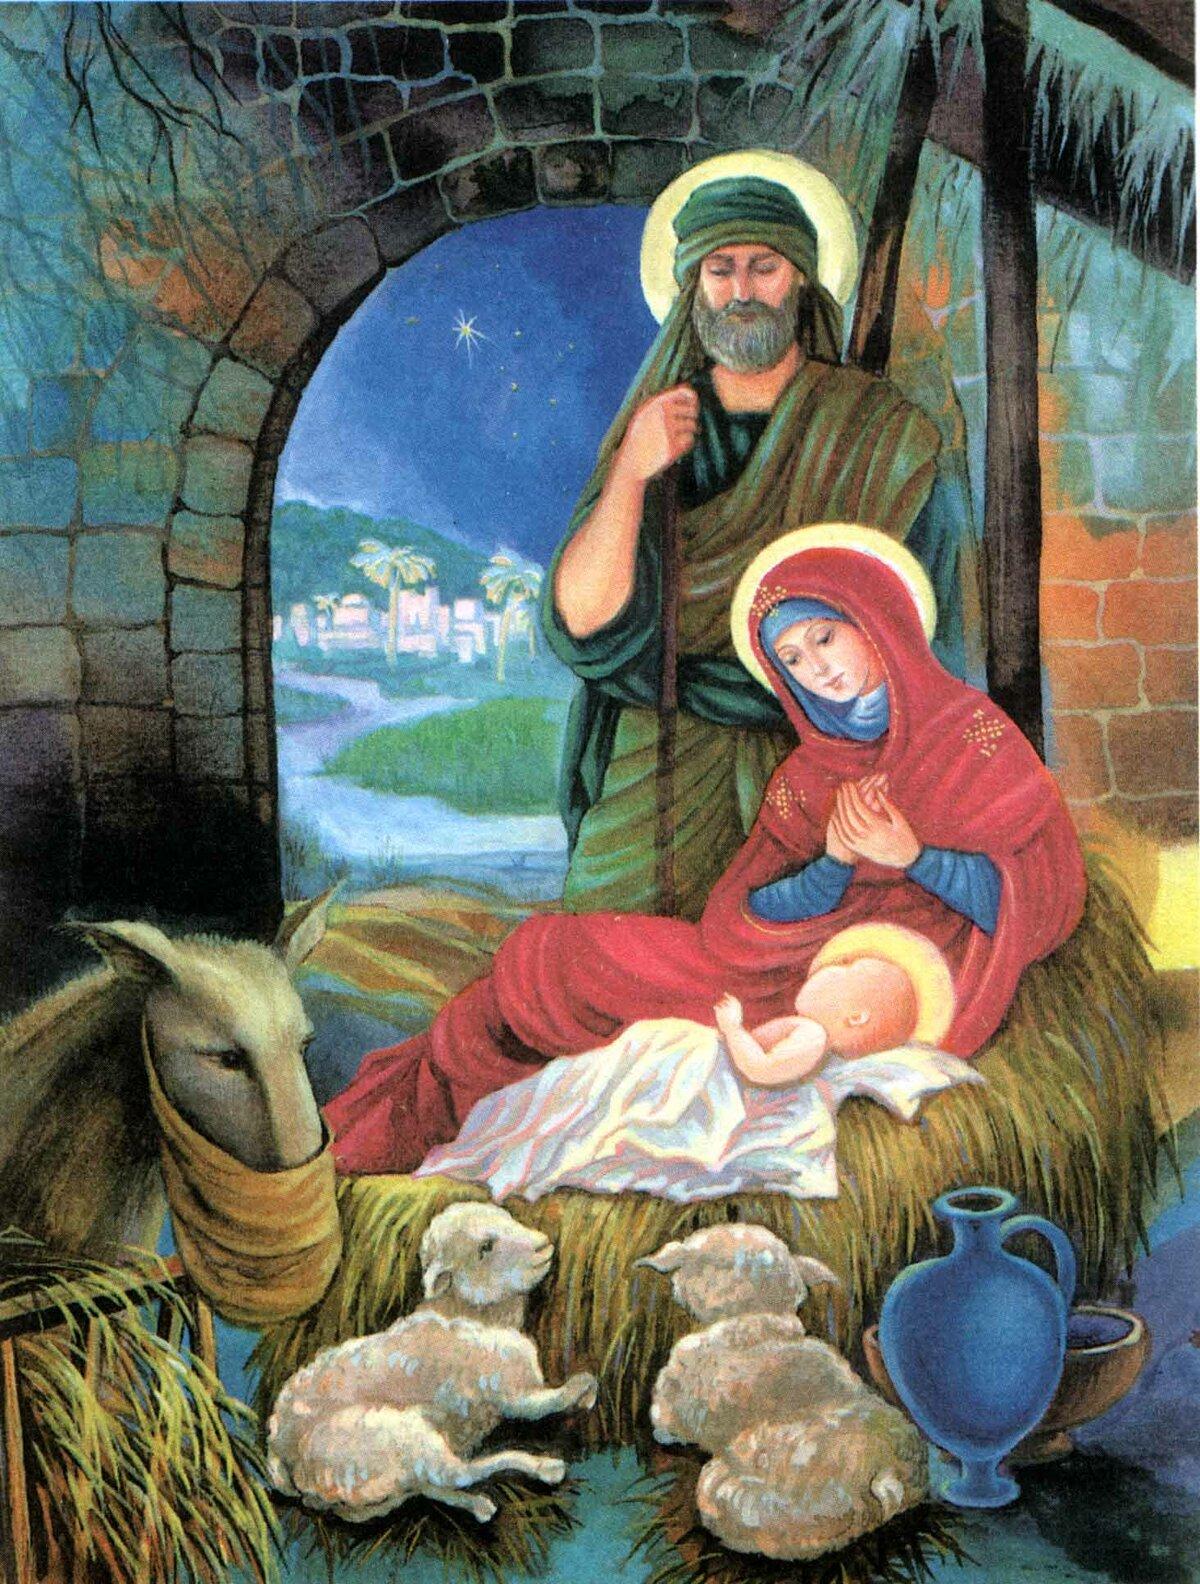 спрямовані насильницьку рождественские картинки с младенцем написать